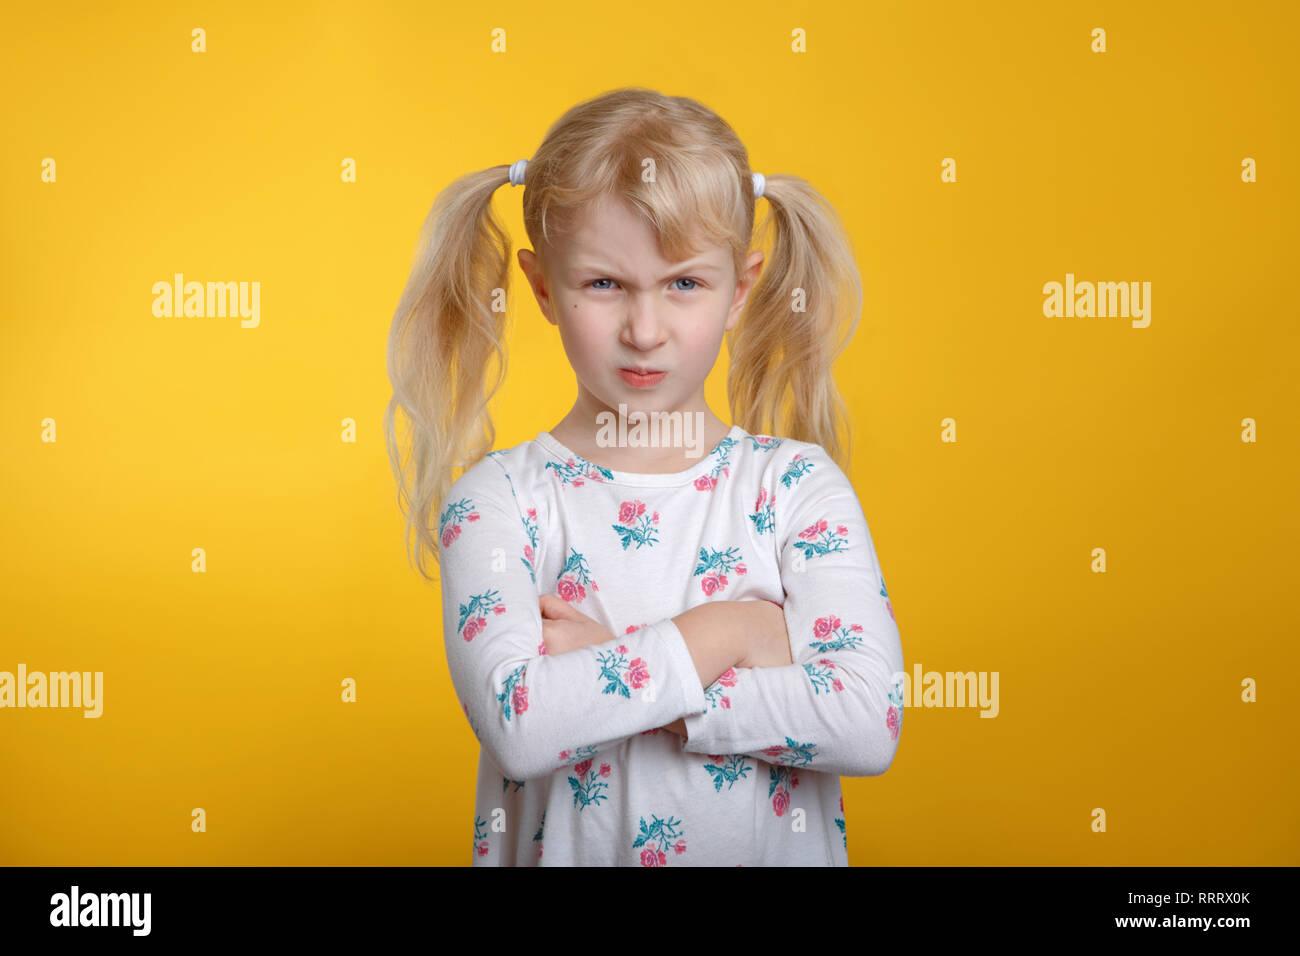 Jolie fille blonde caucasienne en colère grincheux aux yeux bleus en robe blanche posant en studio sur fond jaune avec les bras croisés sur sa poitrine. Kid enfant Banque D'Images